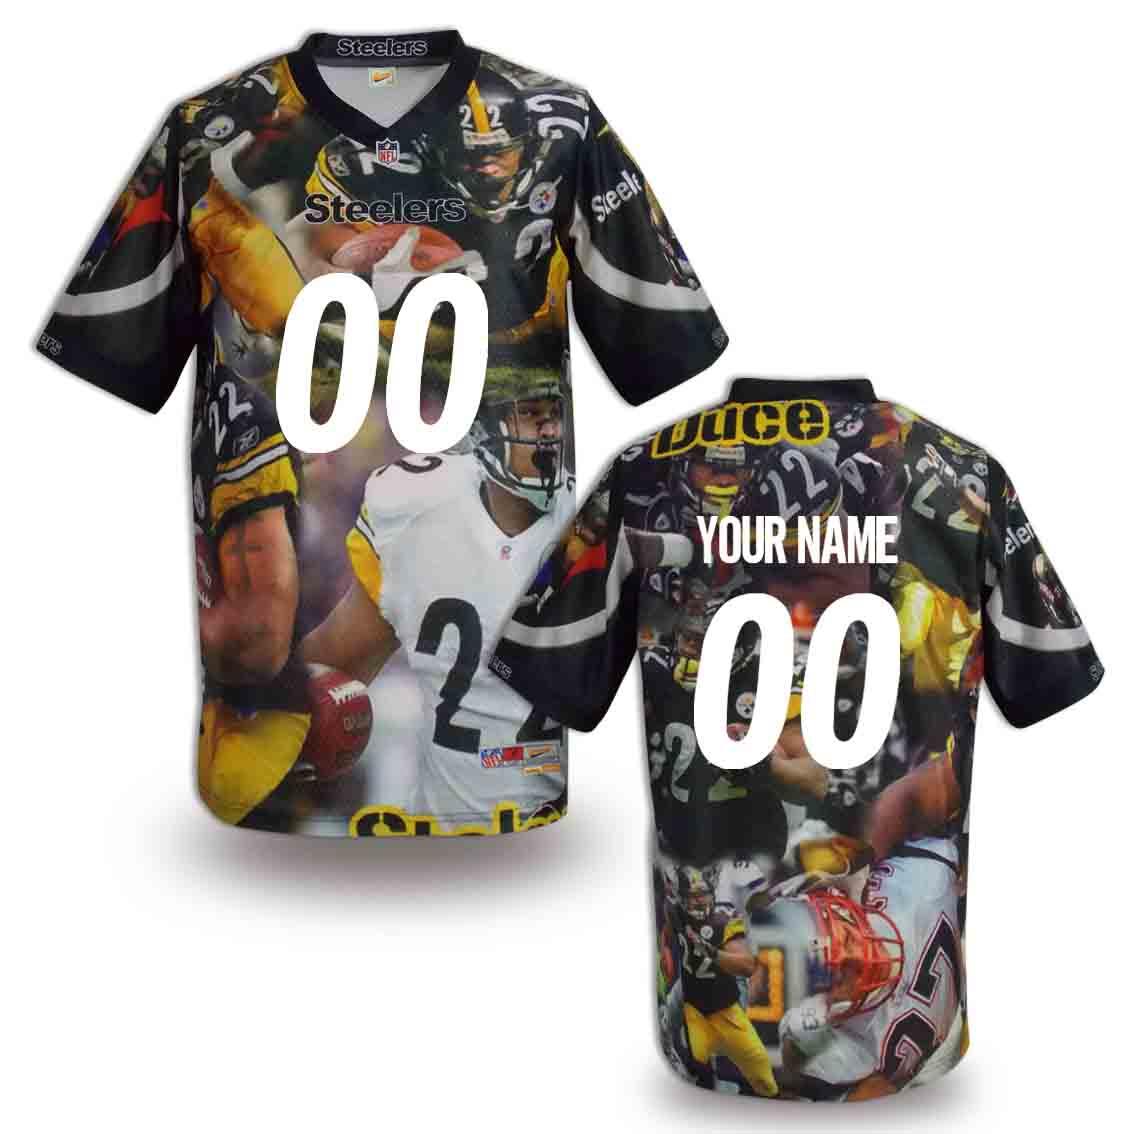 Nike Steelers Customized Fashion Stitched Jerseys04